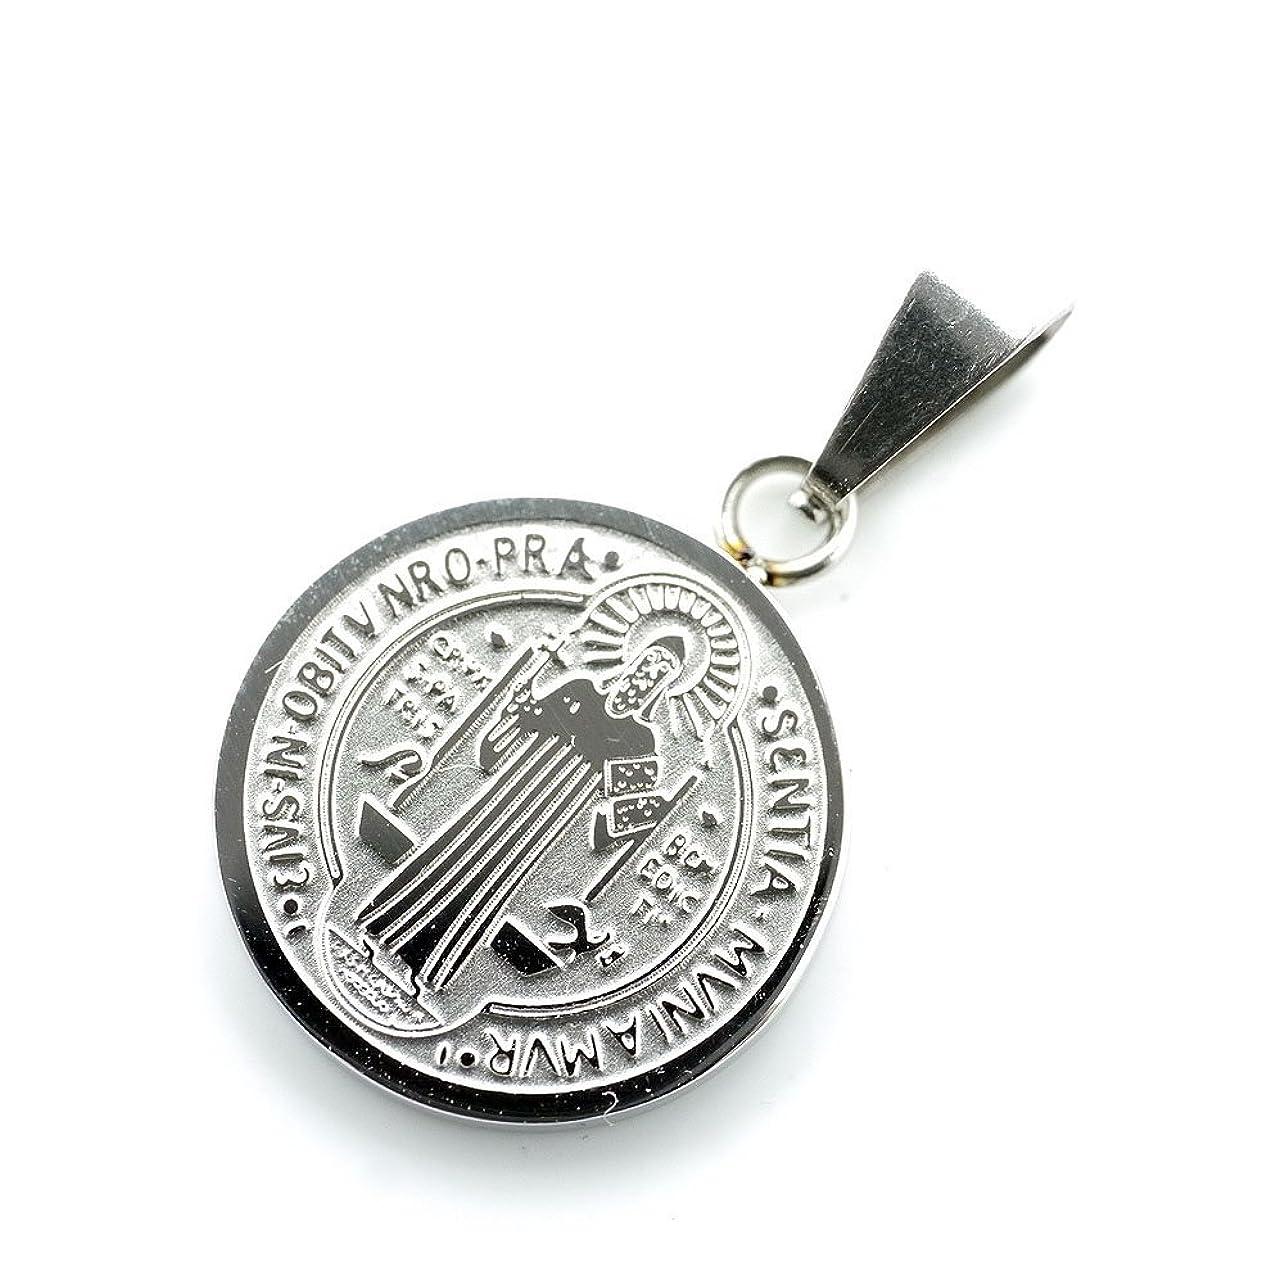 エンドテーブル技術降雨[シルバーワン] on 聖ベネディクトゥスのメダイ Sサイズ ペンダントトップ コイン ヘッド メンズ